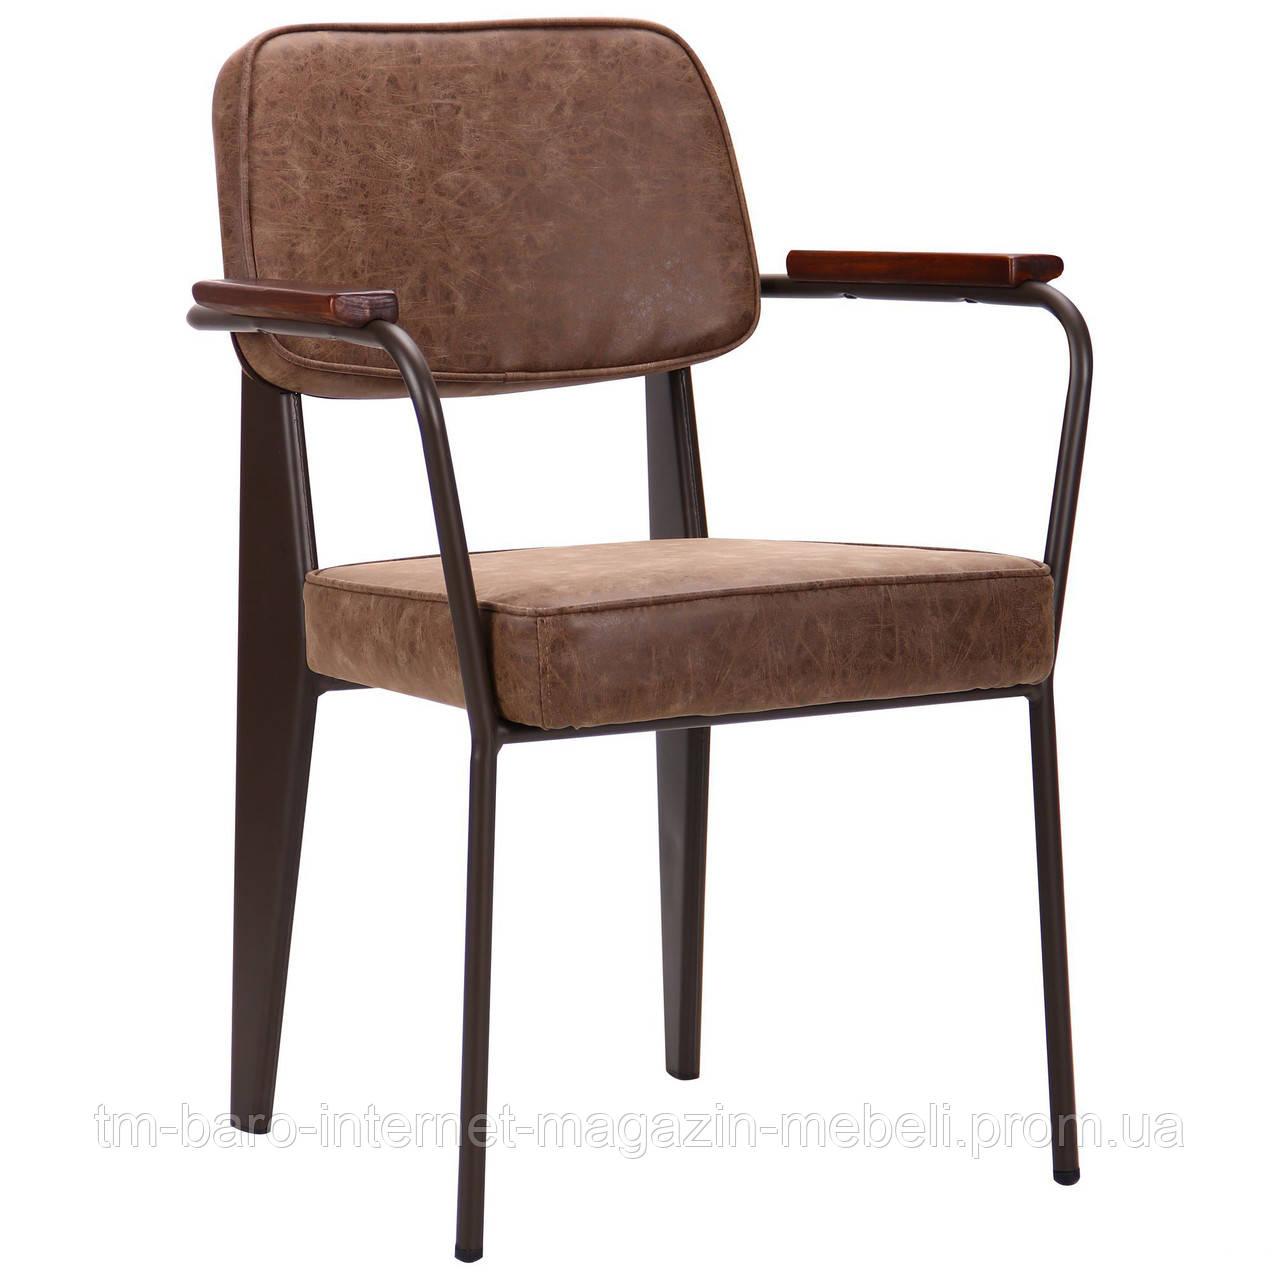 Кресло Lennon кофе / лунго